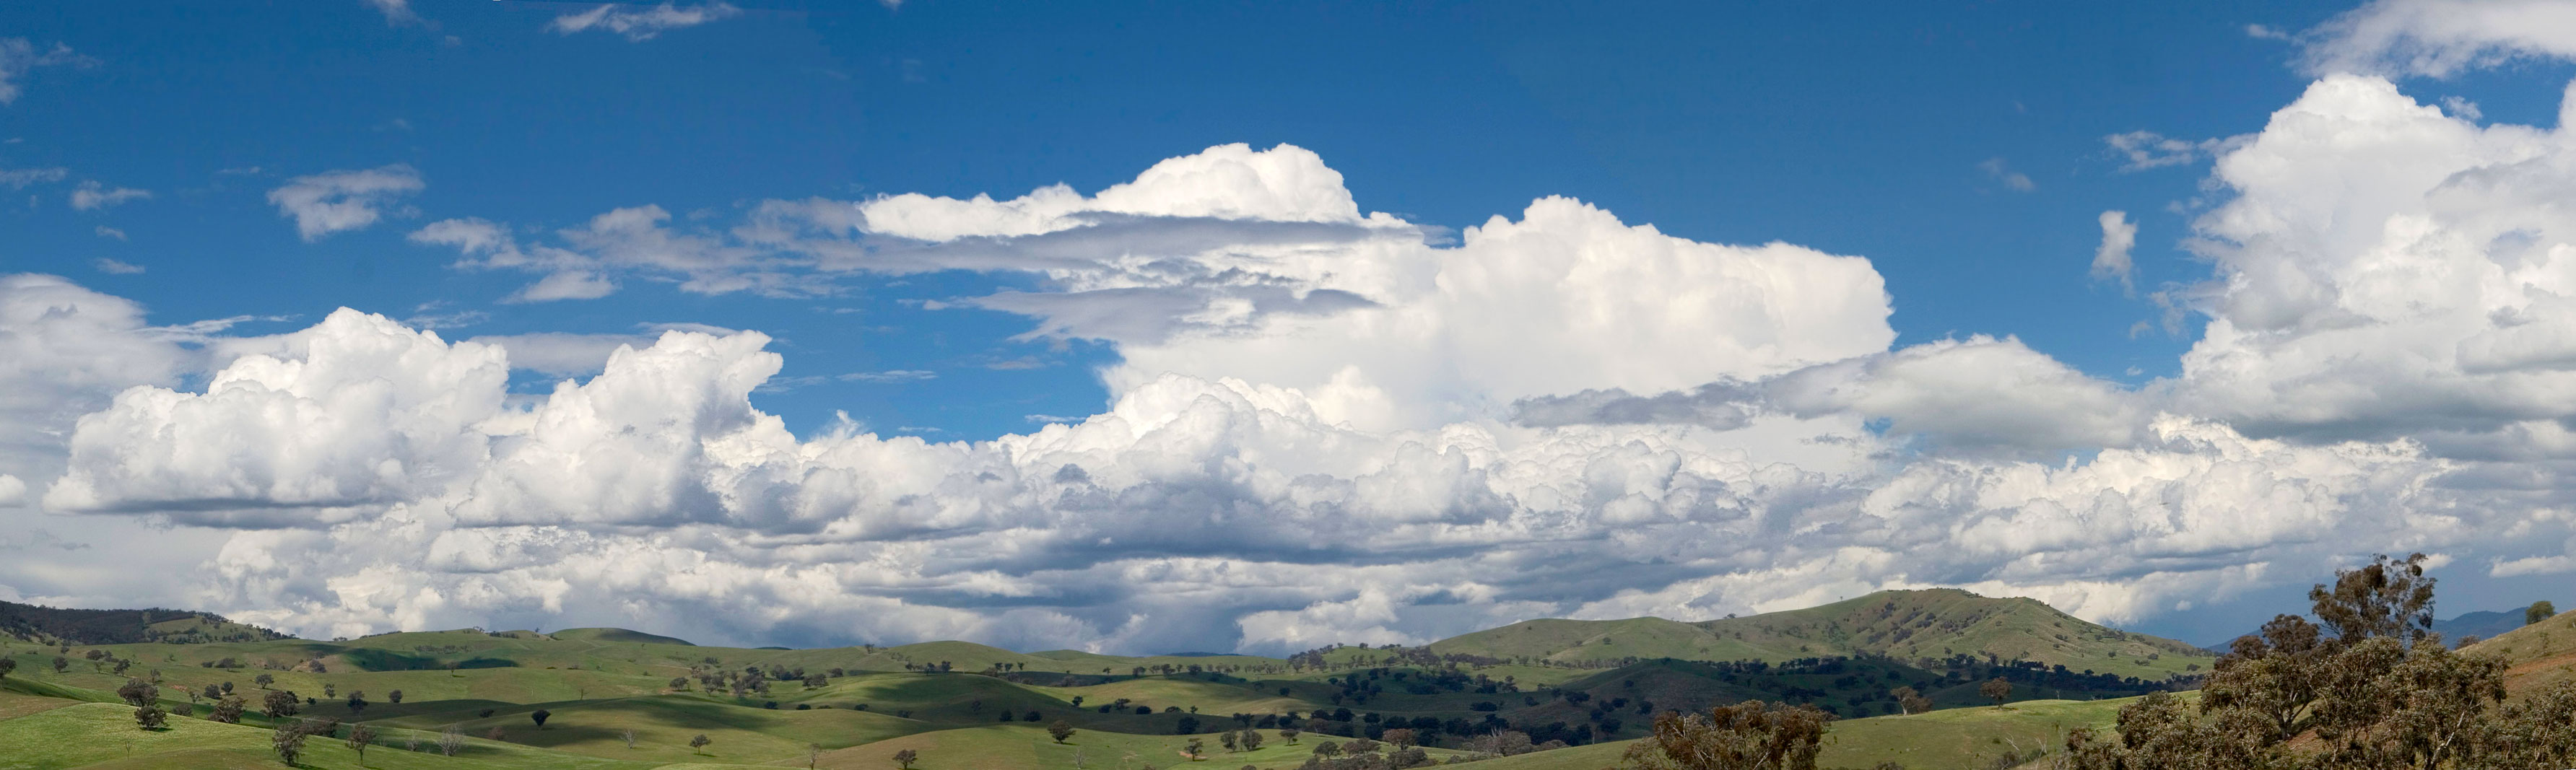 Cumulus_clouds_panorama